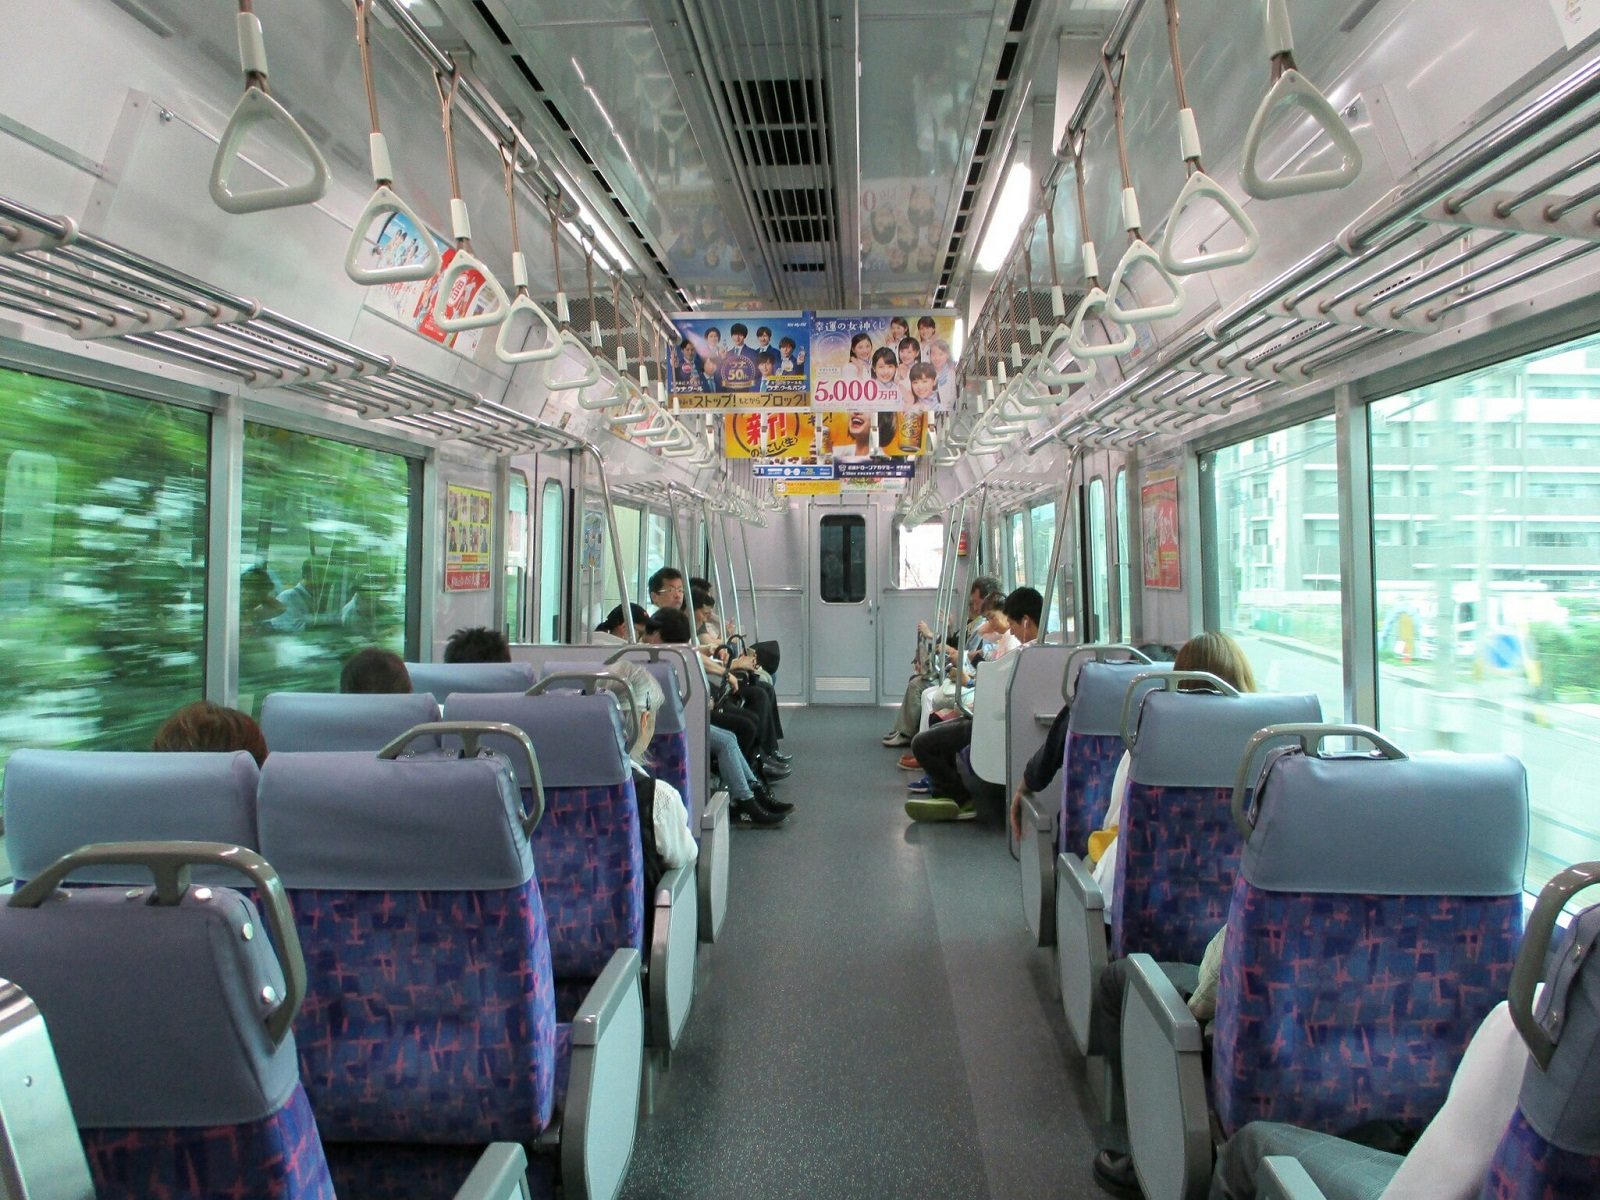 2018.6.28 (14) 岐阜いき特急 - 岐南 1600-1200